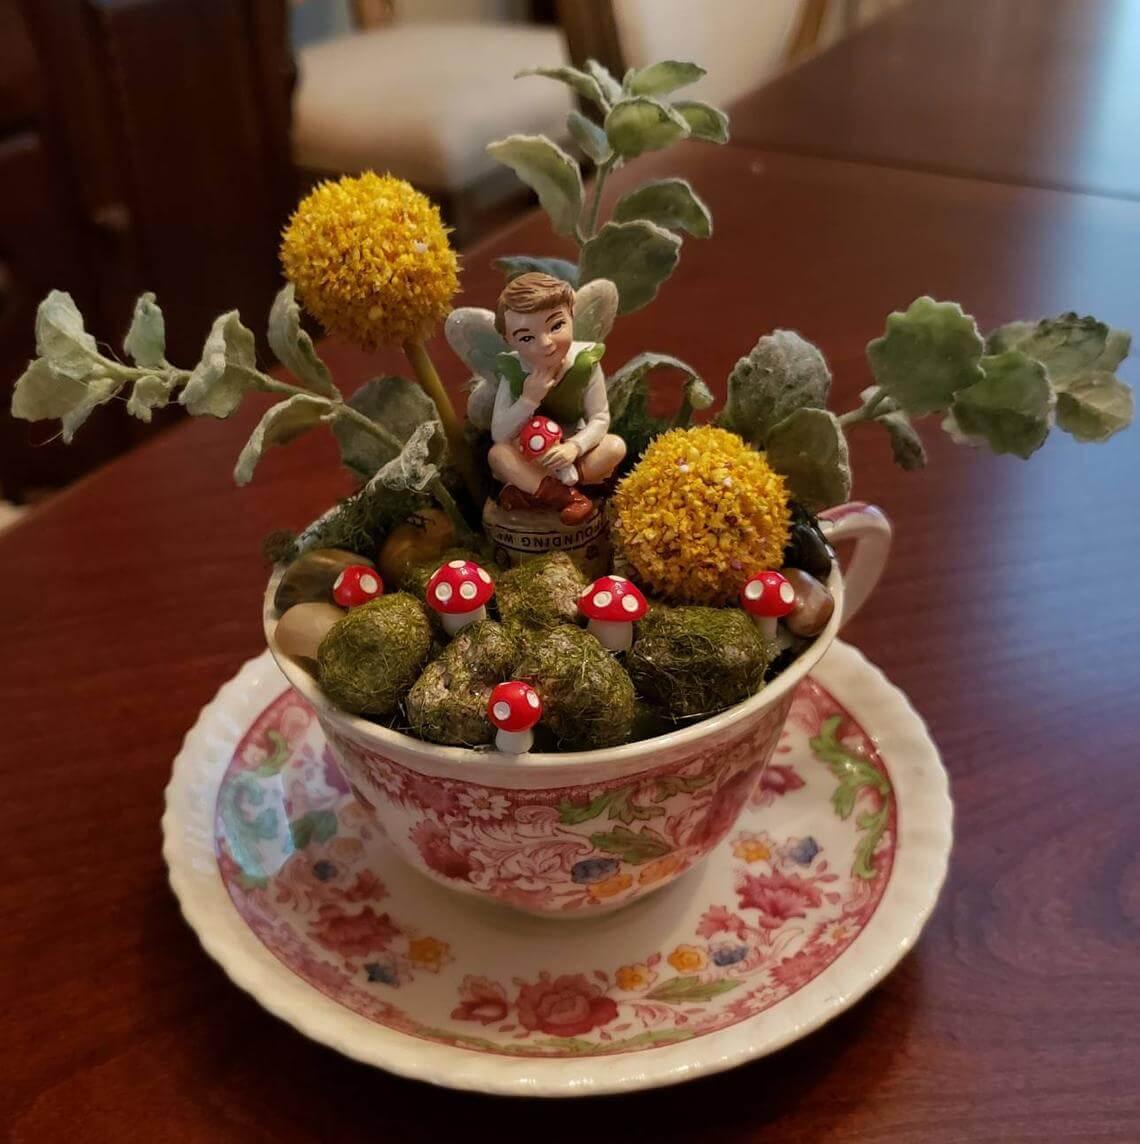 Thinking Fairy Miniature Garden of Toadstools